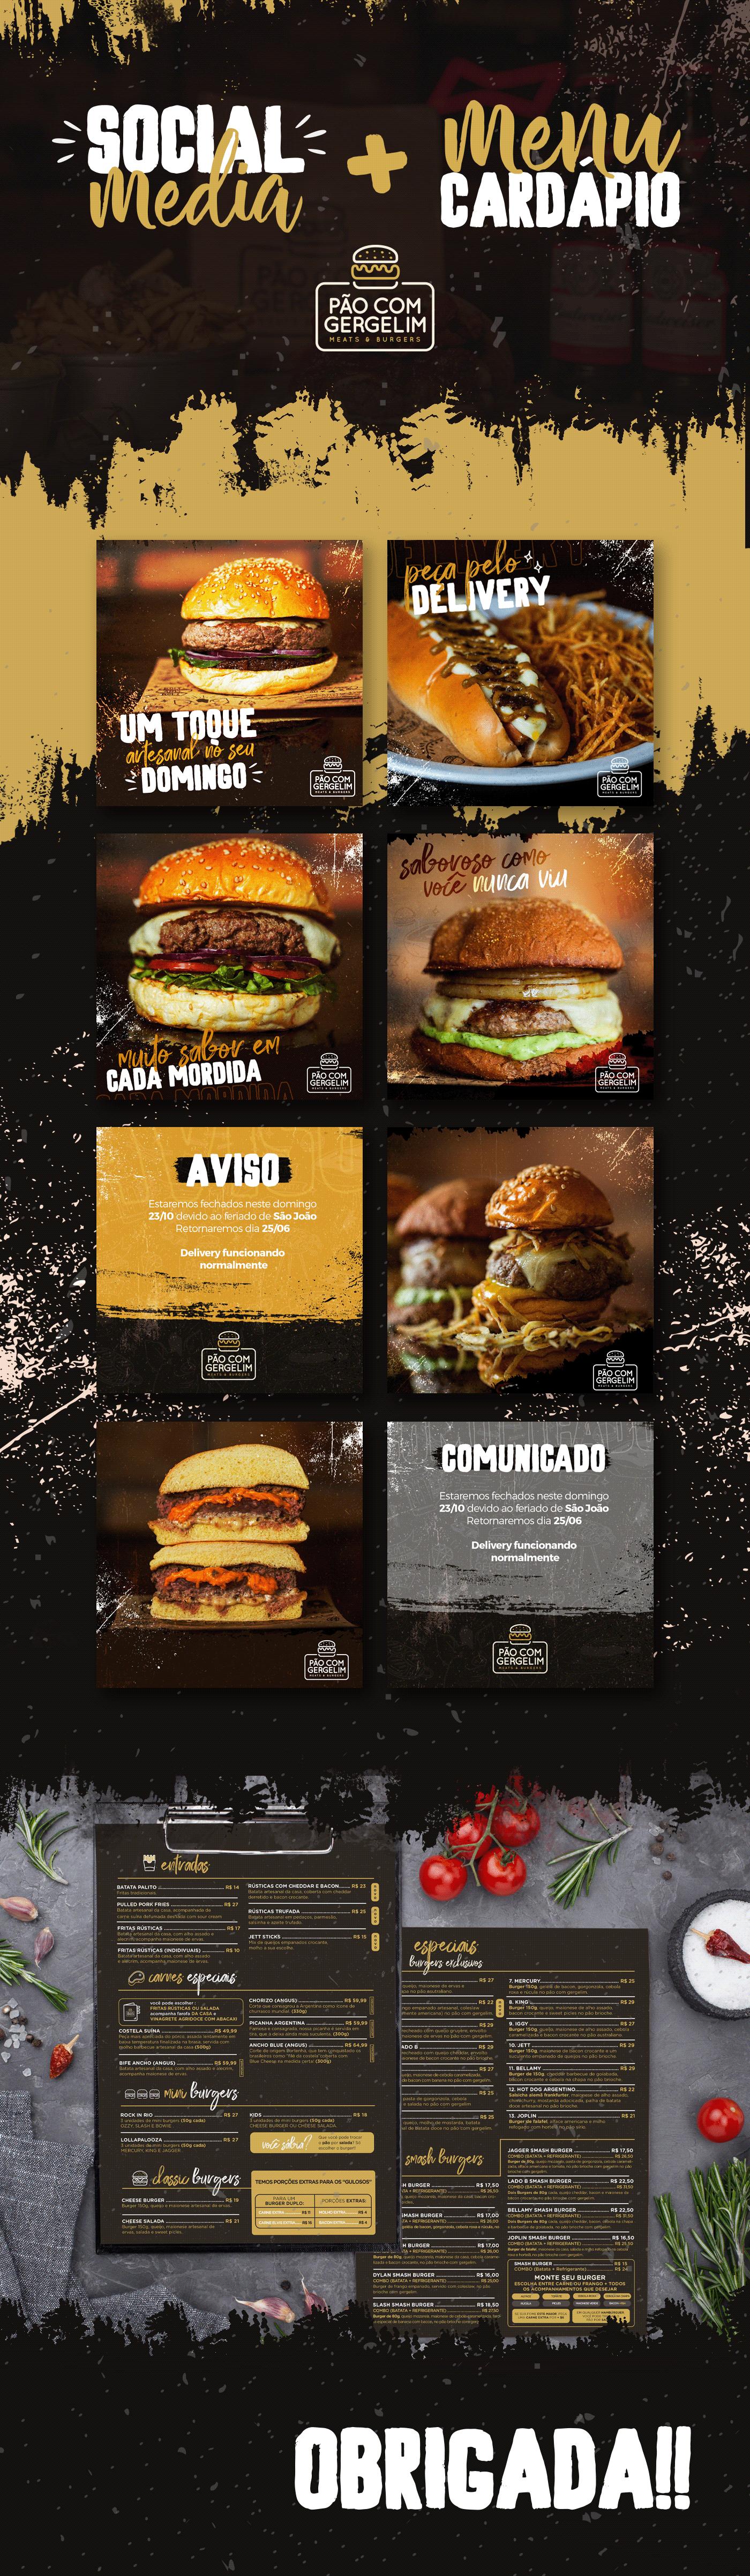 burger cardápio hamburguer hamburguer menu hamburgueria menu mídia social Pão com Gergelim social media textura